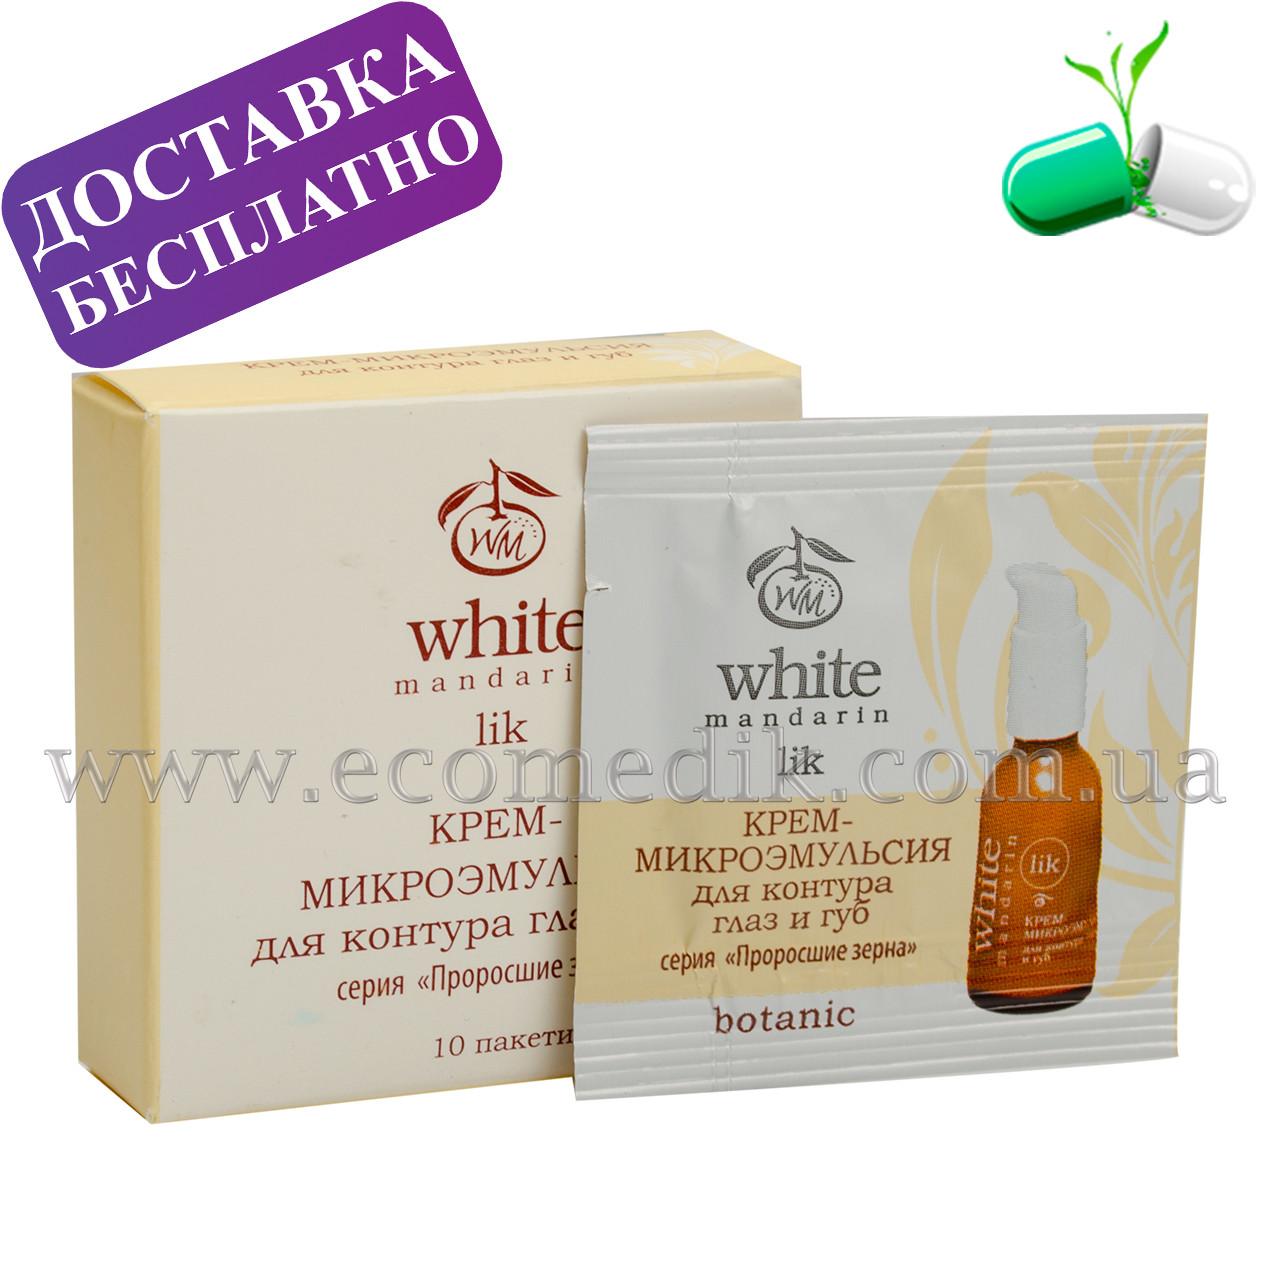 Пробник крему-микроэмульсии для контуру очей і губ серії «Пророслі зерна» White Mandarin 1,5 мл